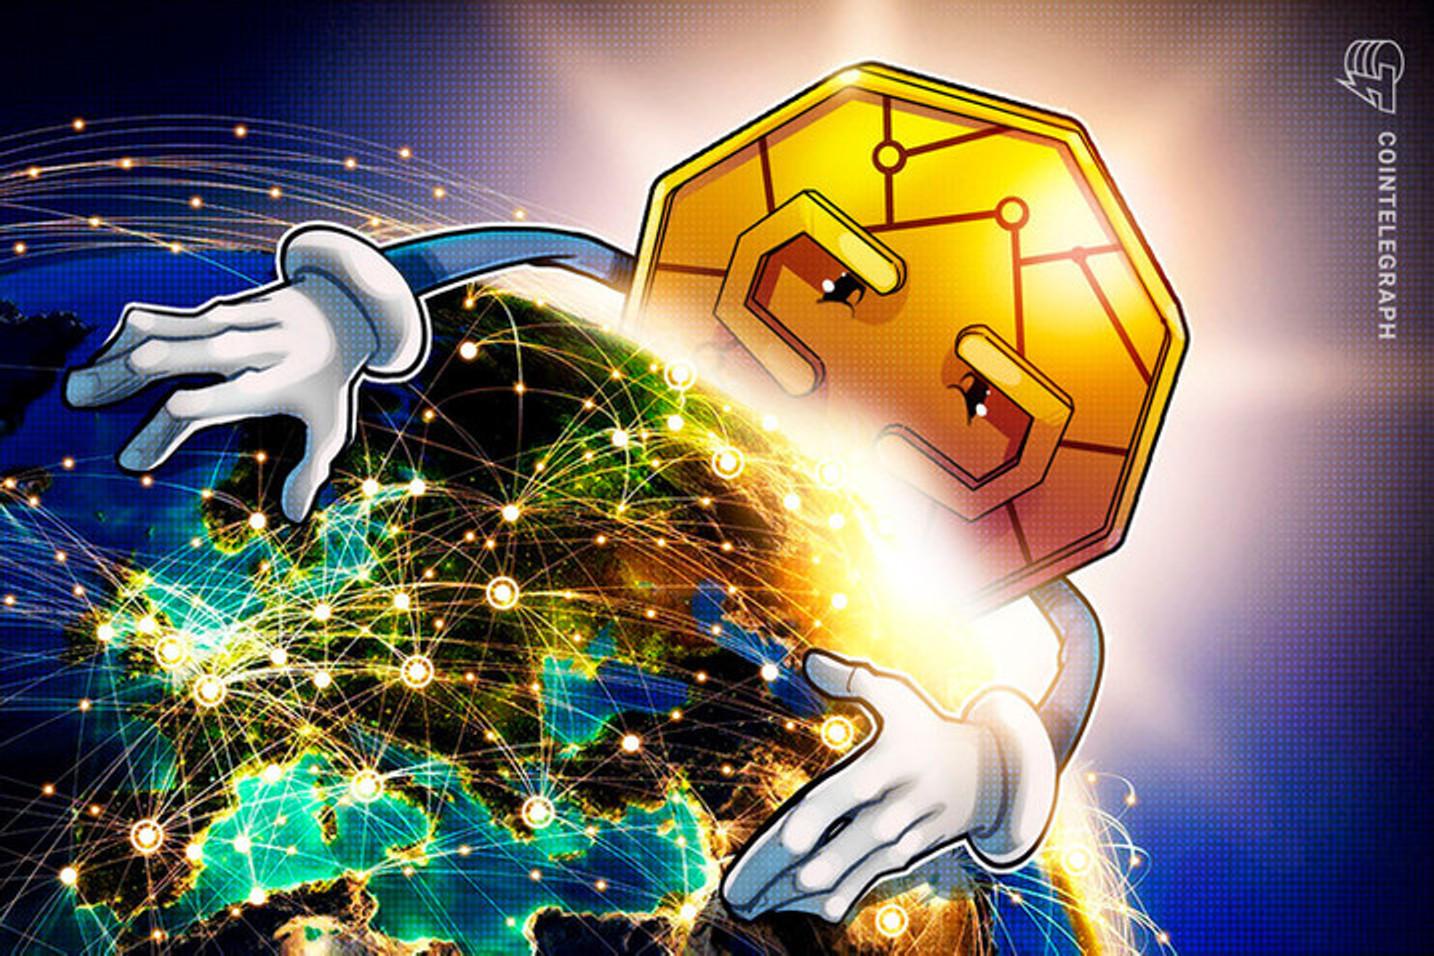 Mercado de tokens avança e oferta de tokenização de esportistas e celebridades ganha força